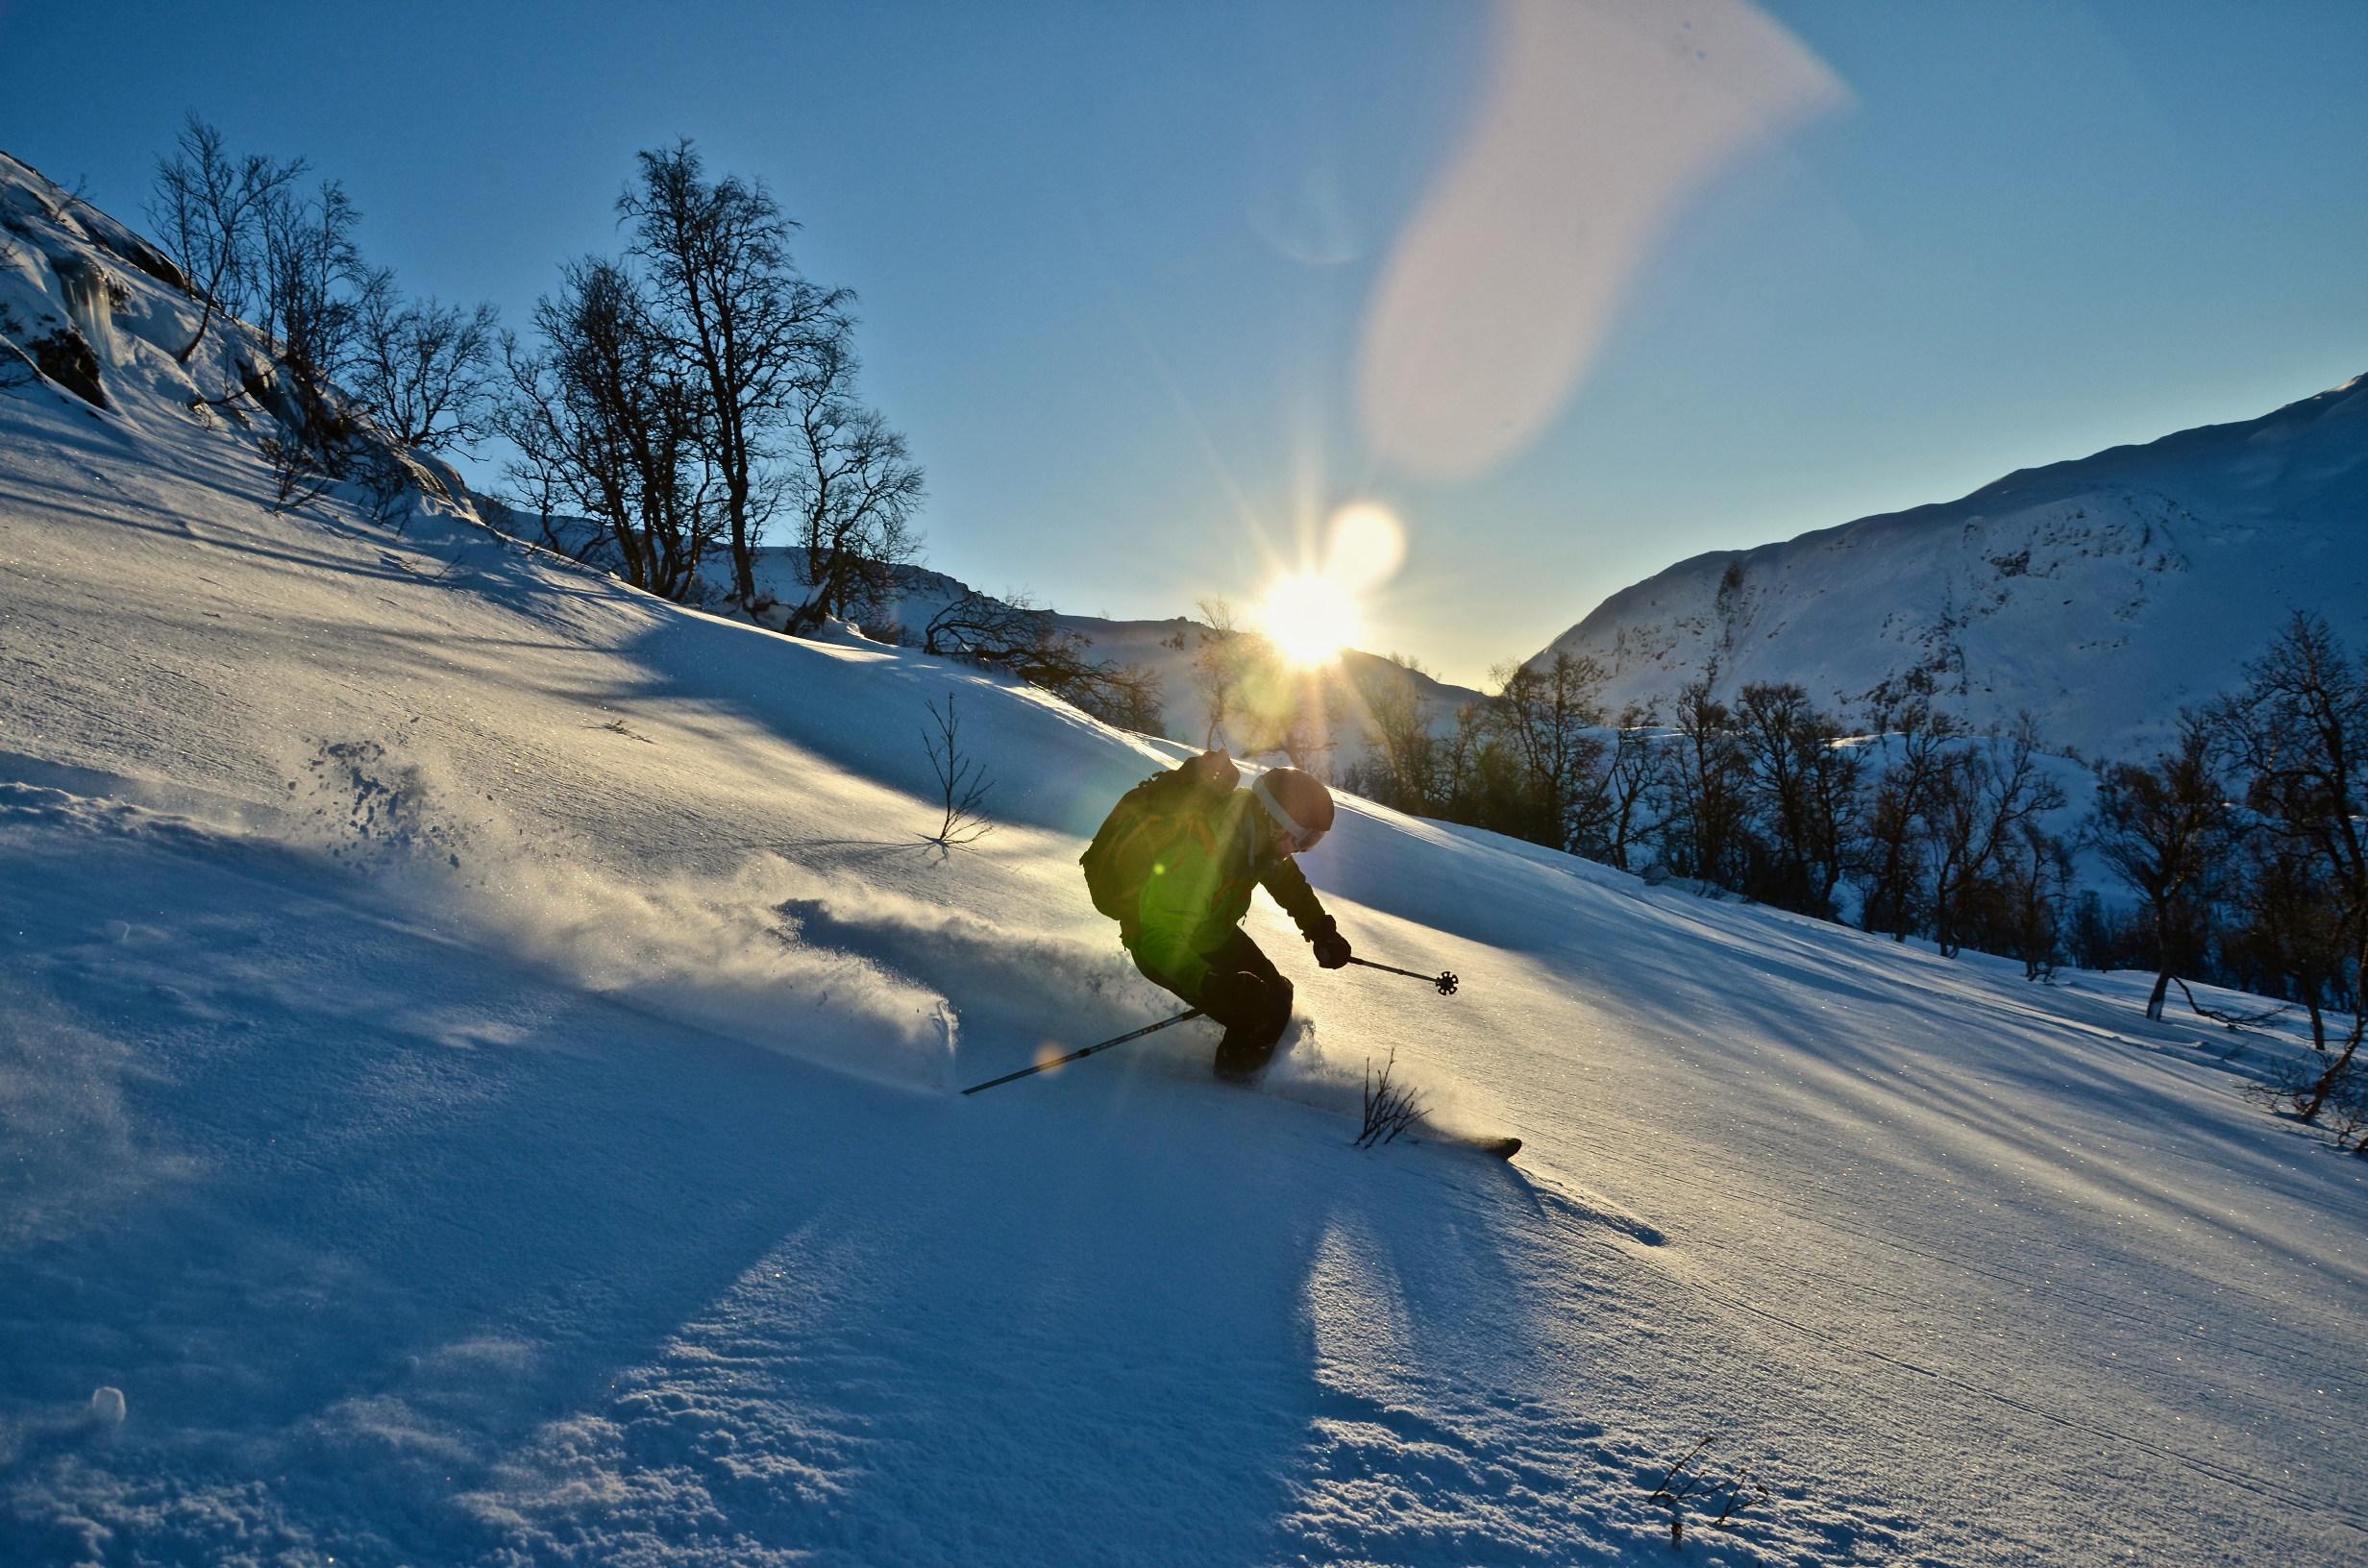 Bilde ski-skalert